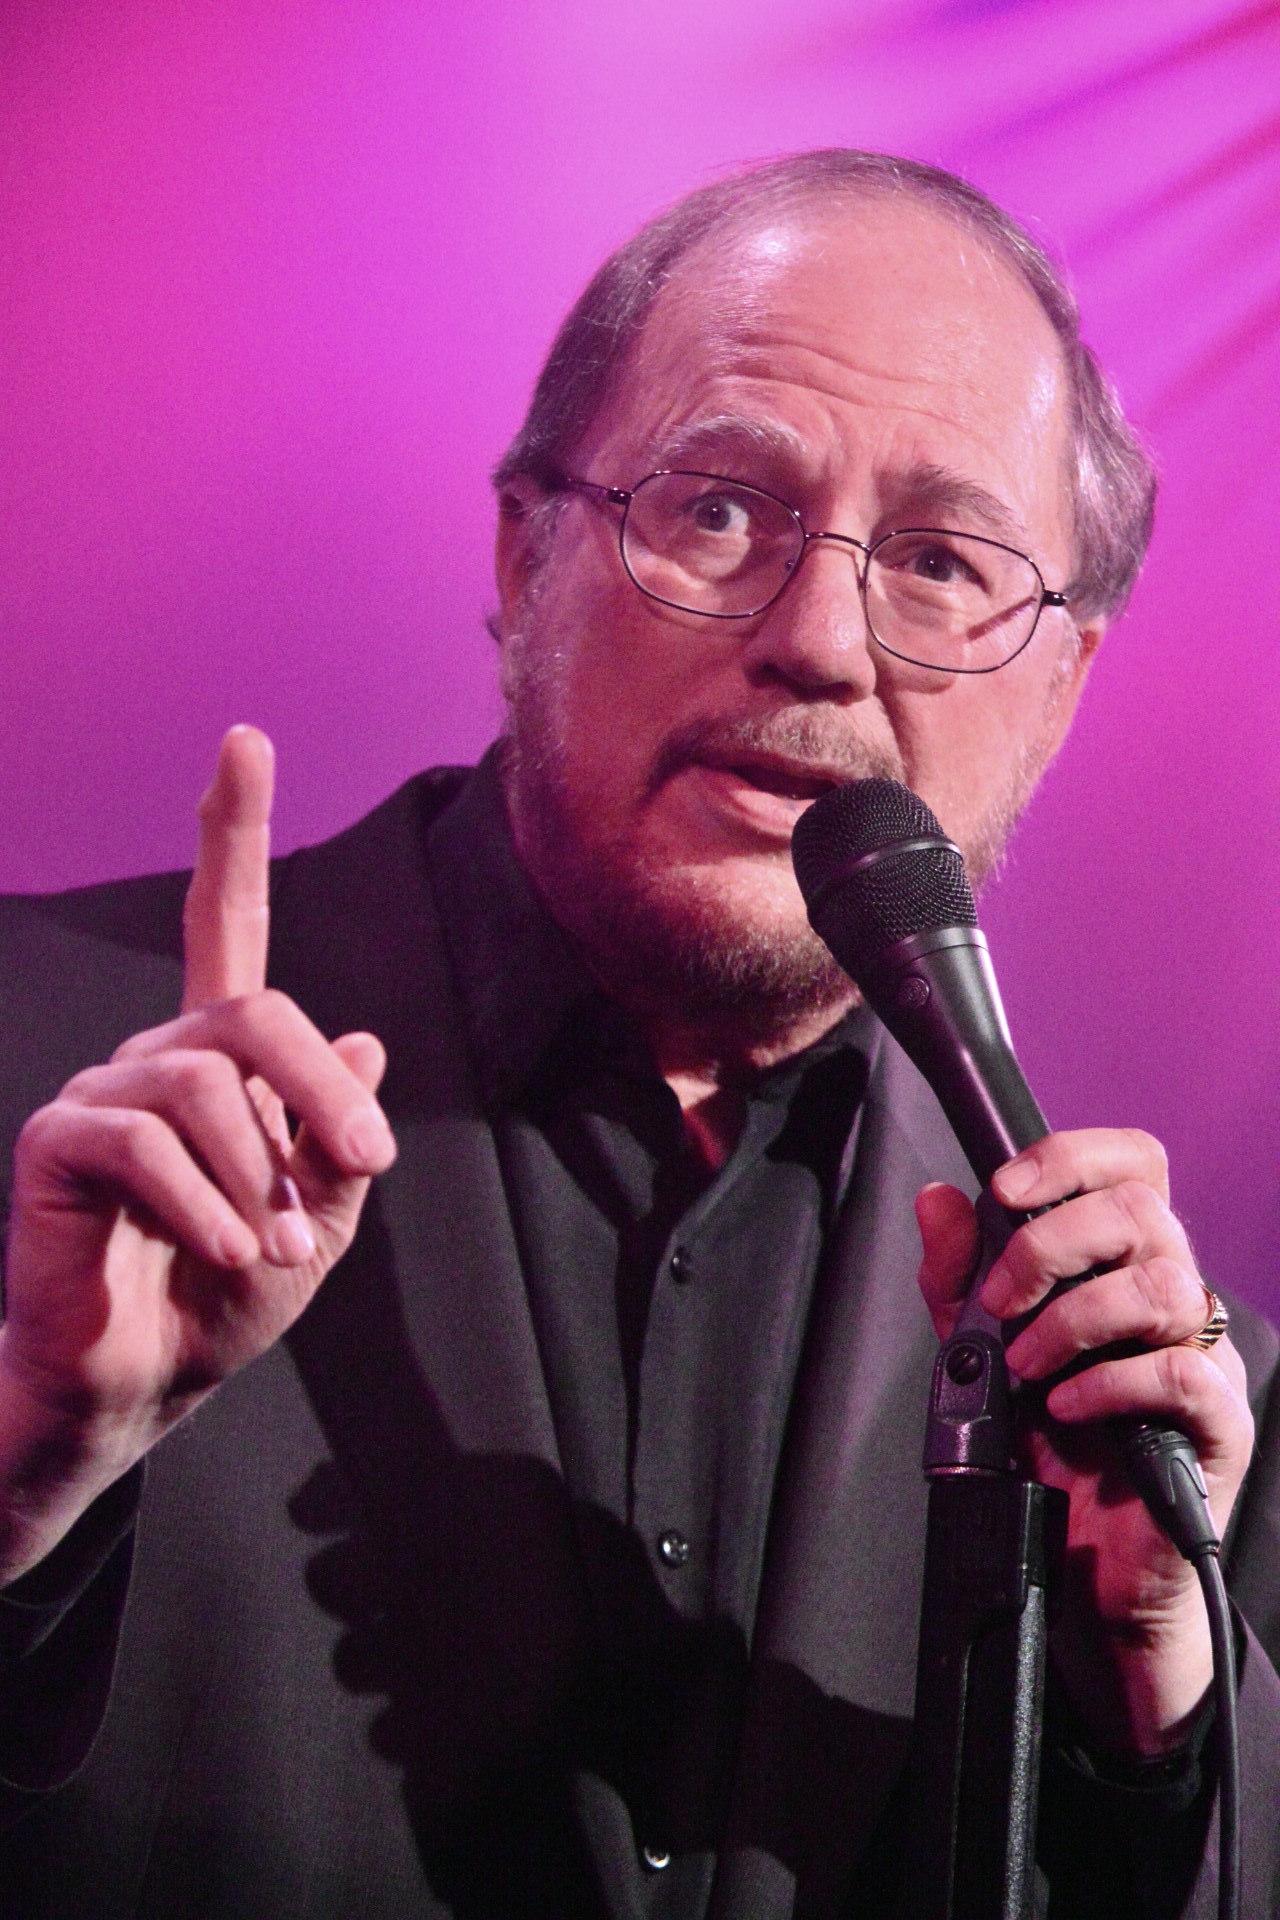 Scott Siegel presents Great Singers, Great Songs